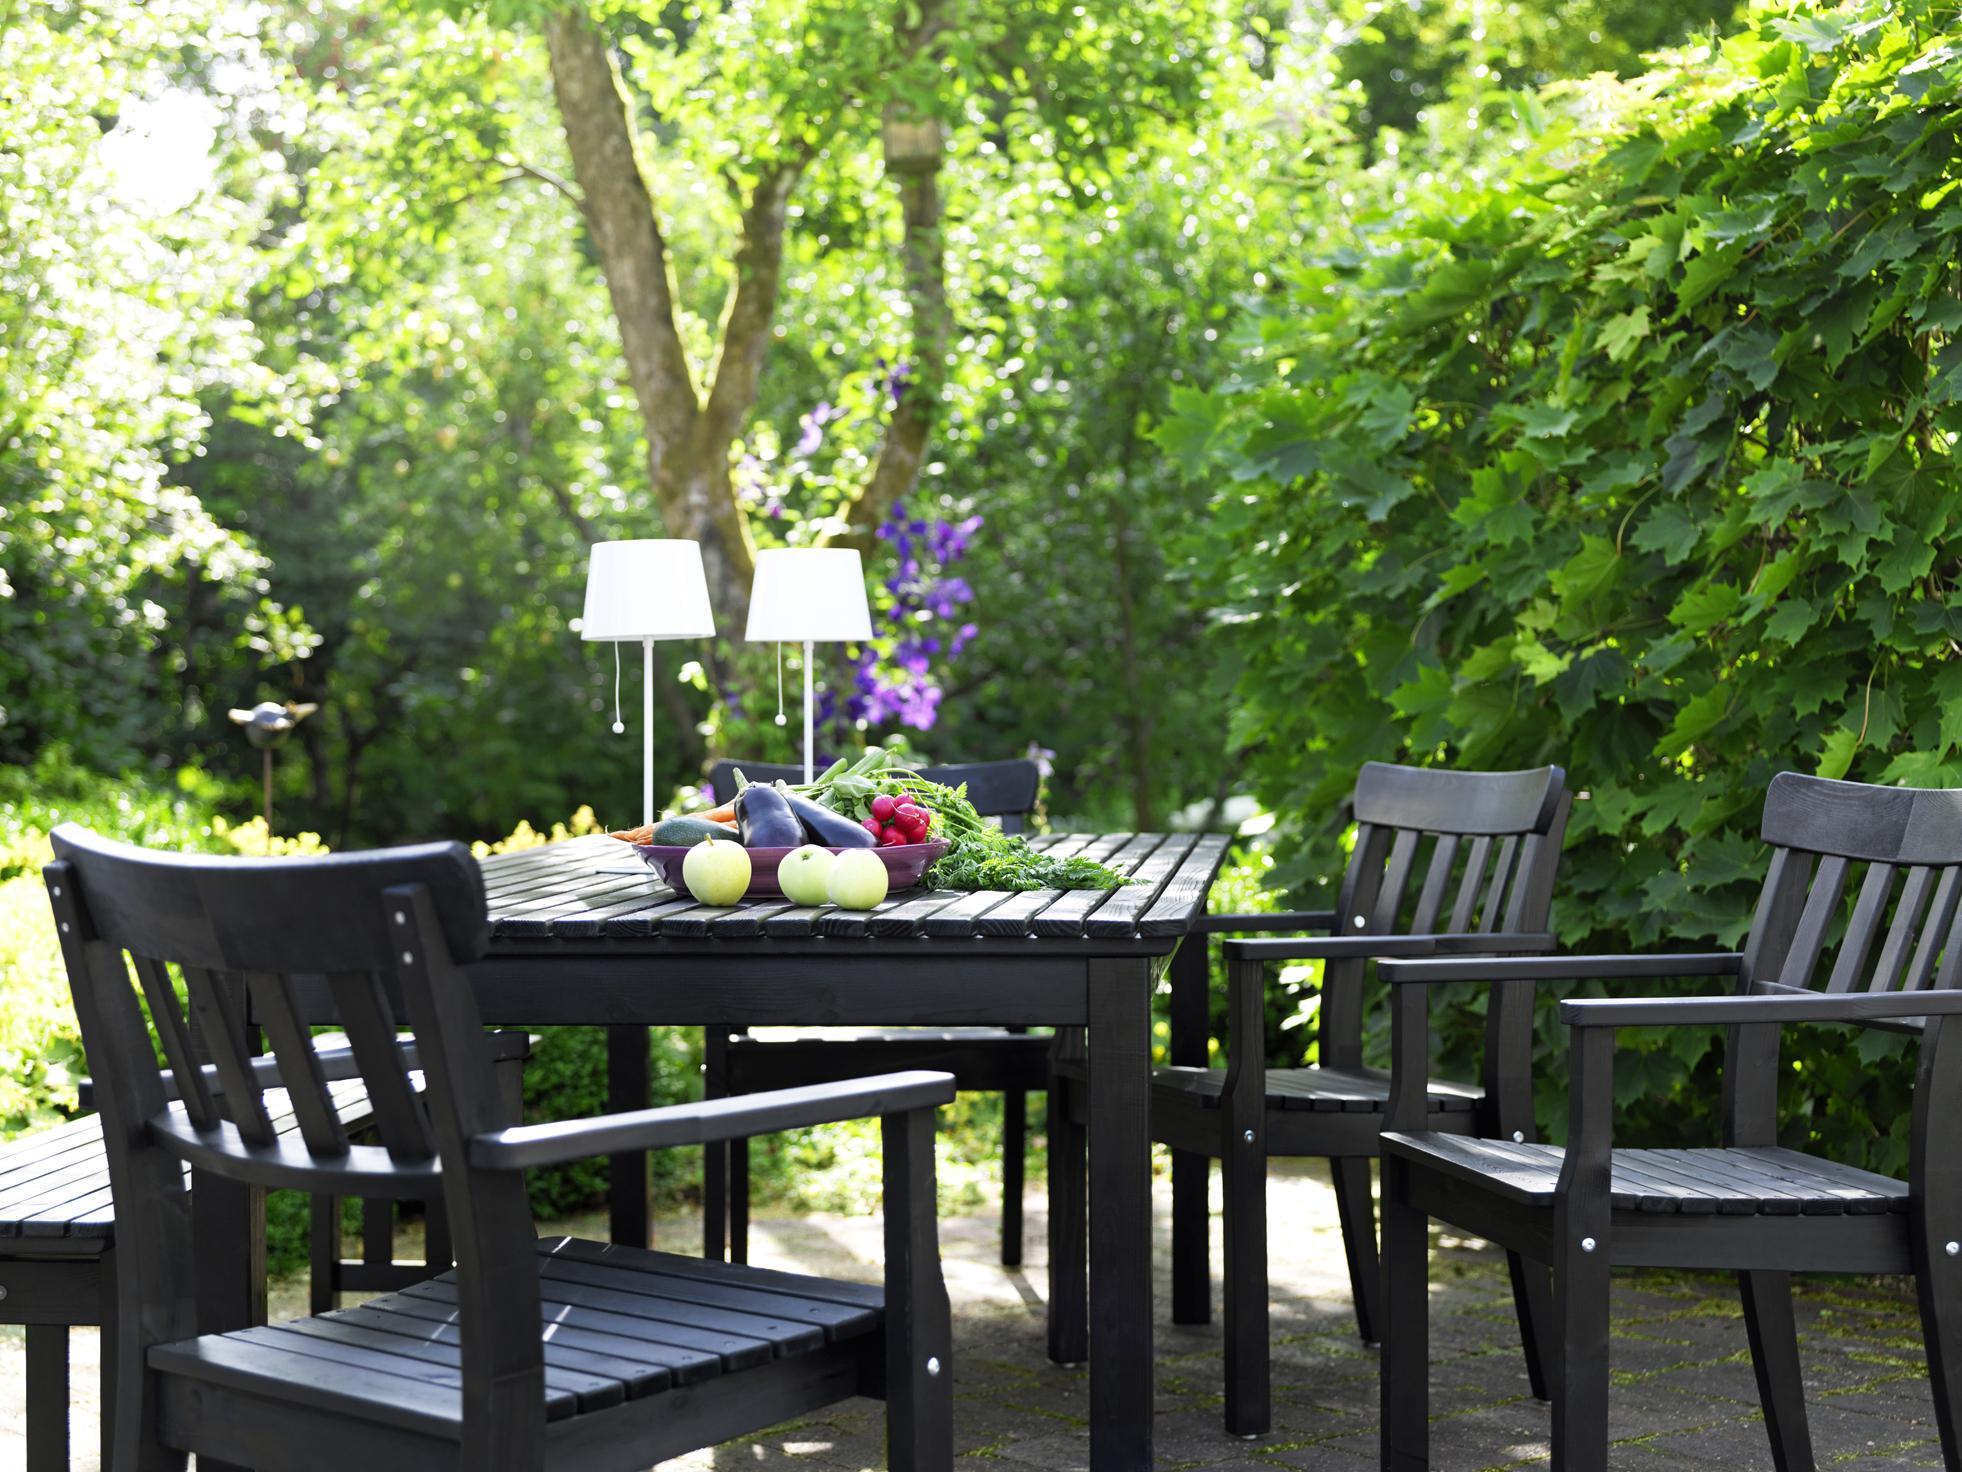 Ikea en el jard n y en la terraza en blanco y negro blog decoraci n estilo - Ikea desserte jardin ...